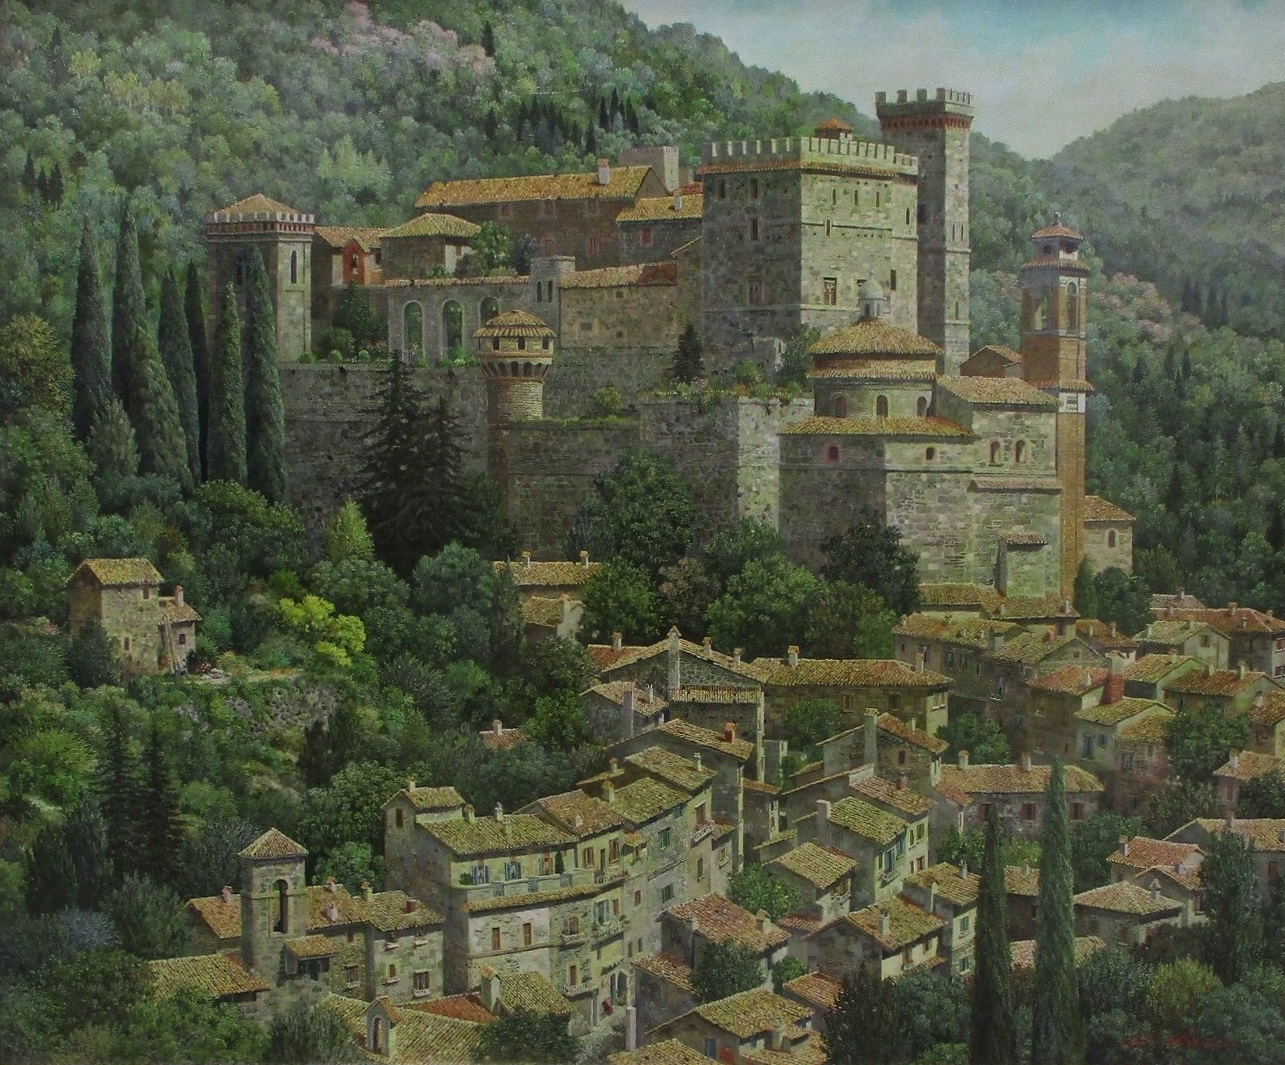 日展 (9) 佐藤祐治さん『山麓の村』 1285-1065